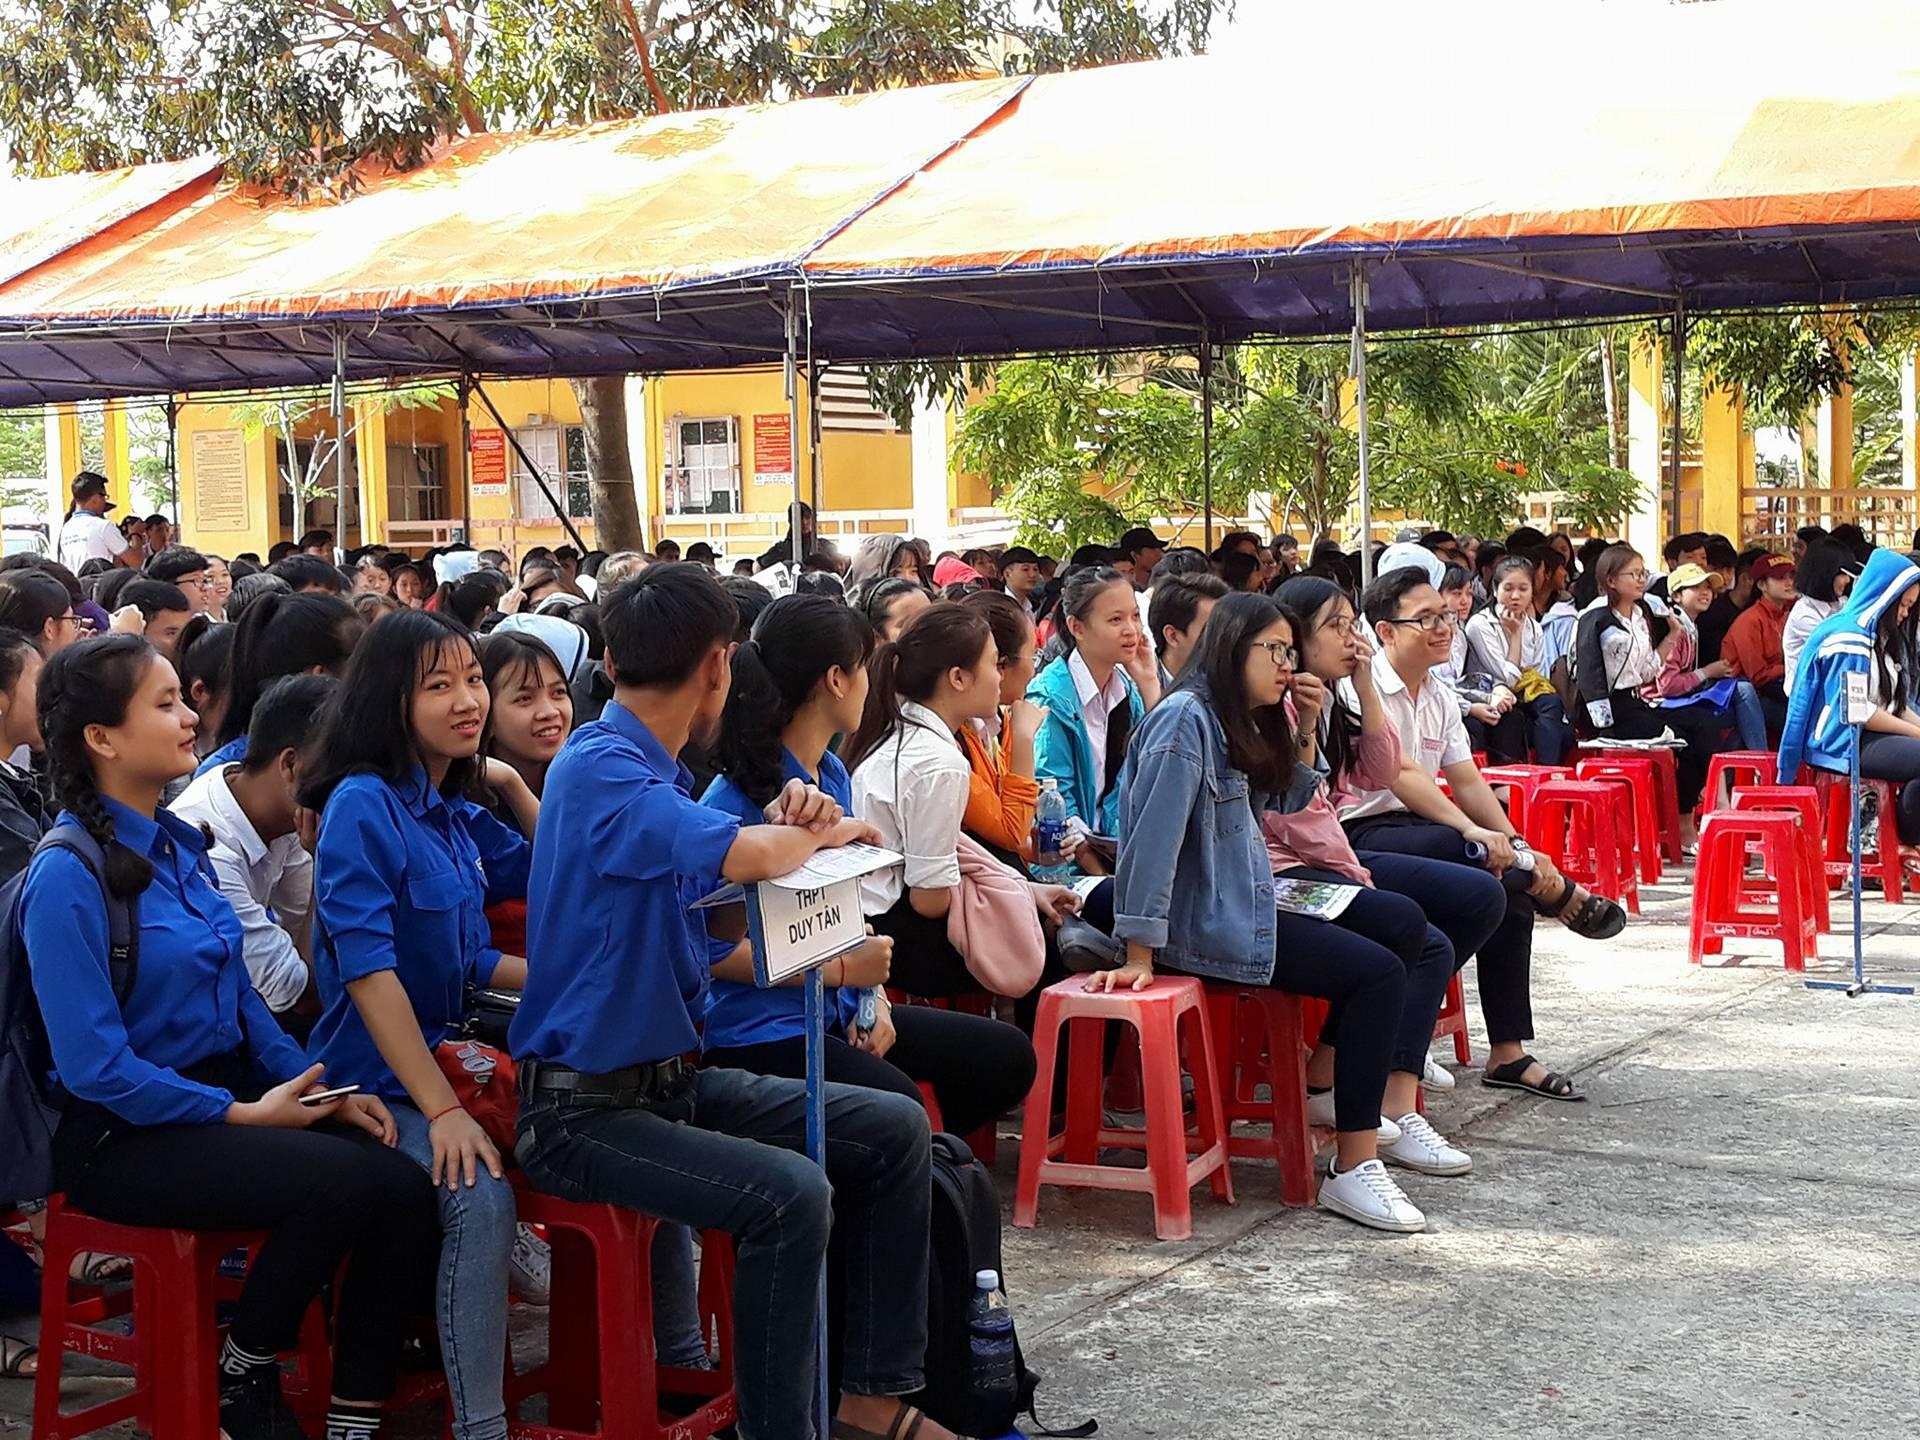 Thí sinh tham dự chương trình tư vấn tuyển sinh của Đại học Đà Nẵng.Ảnh: C.N